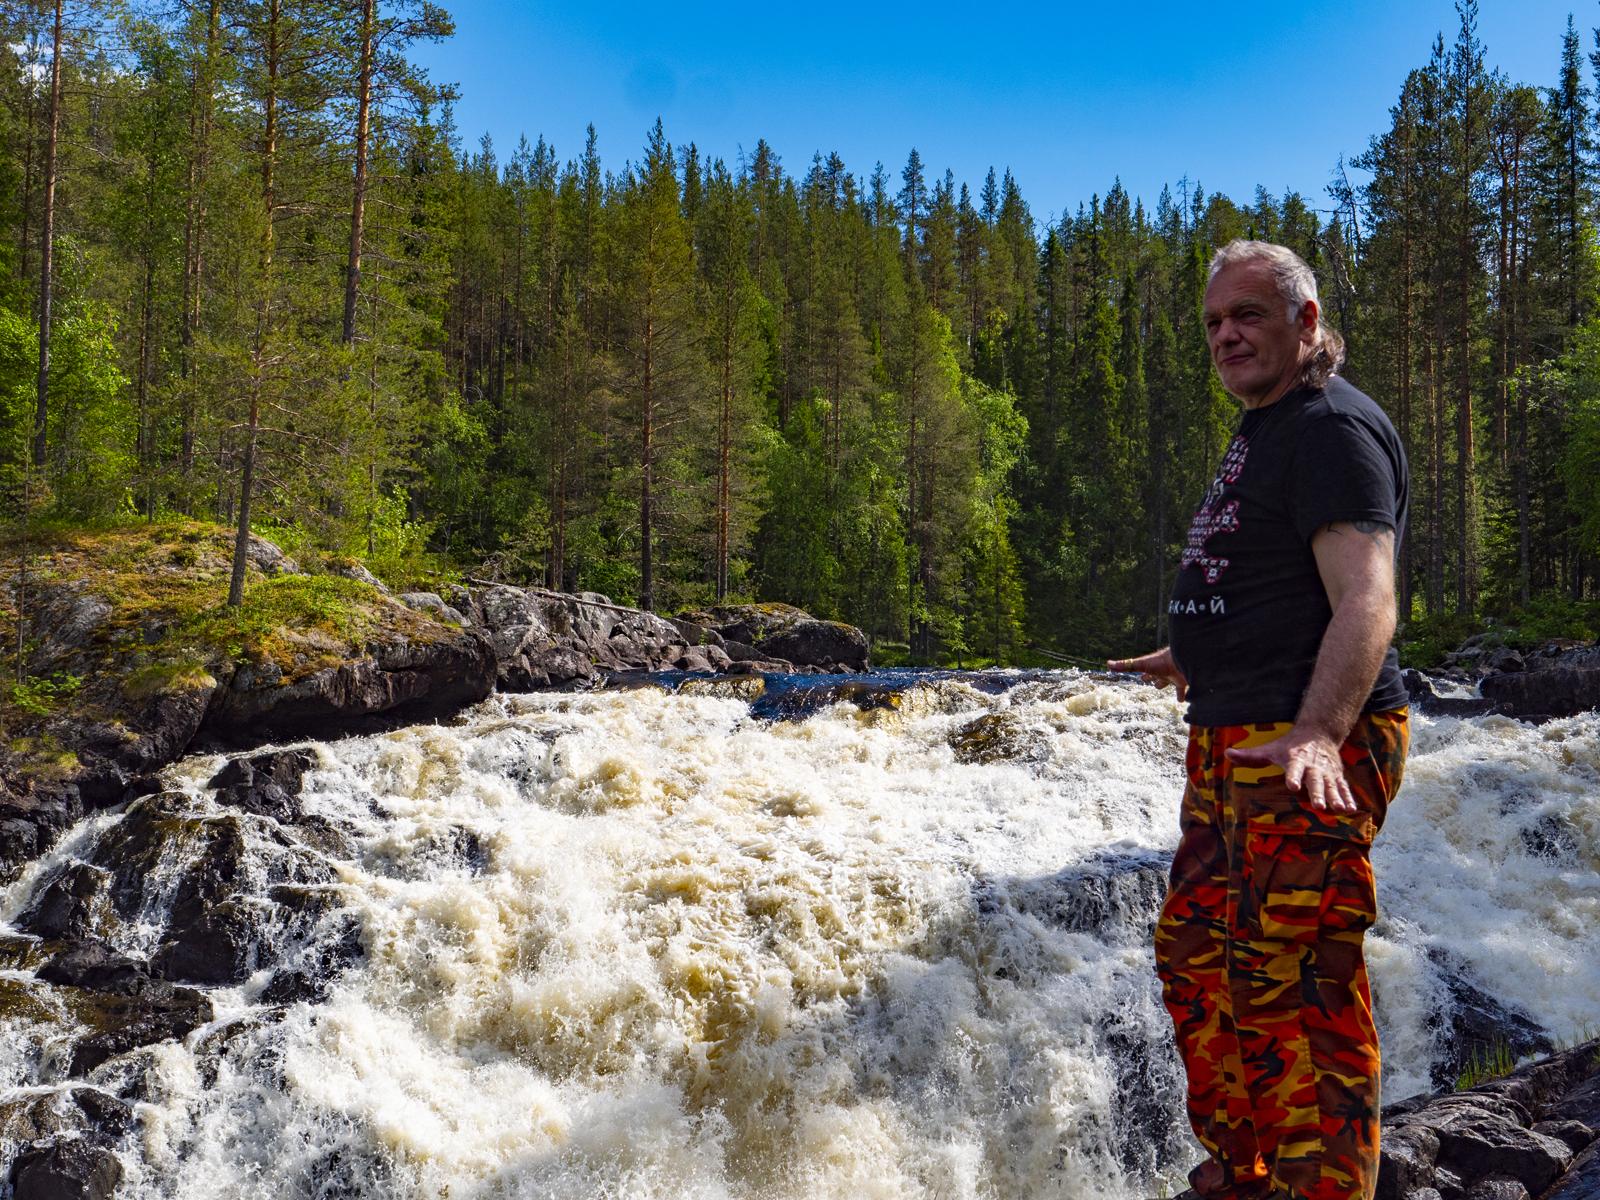 Другой мир, шаманы и дикая природа 48 часов магии Северной Карелии 016